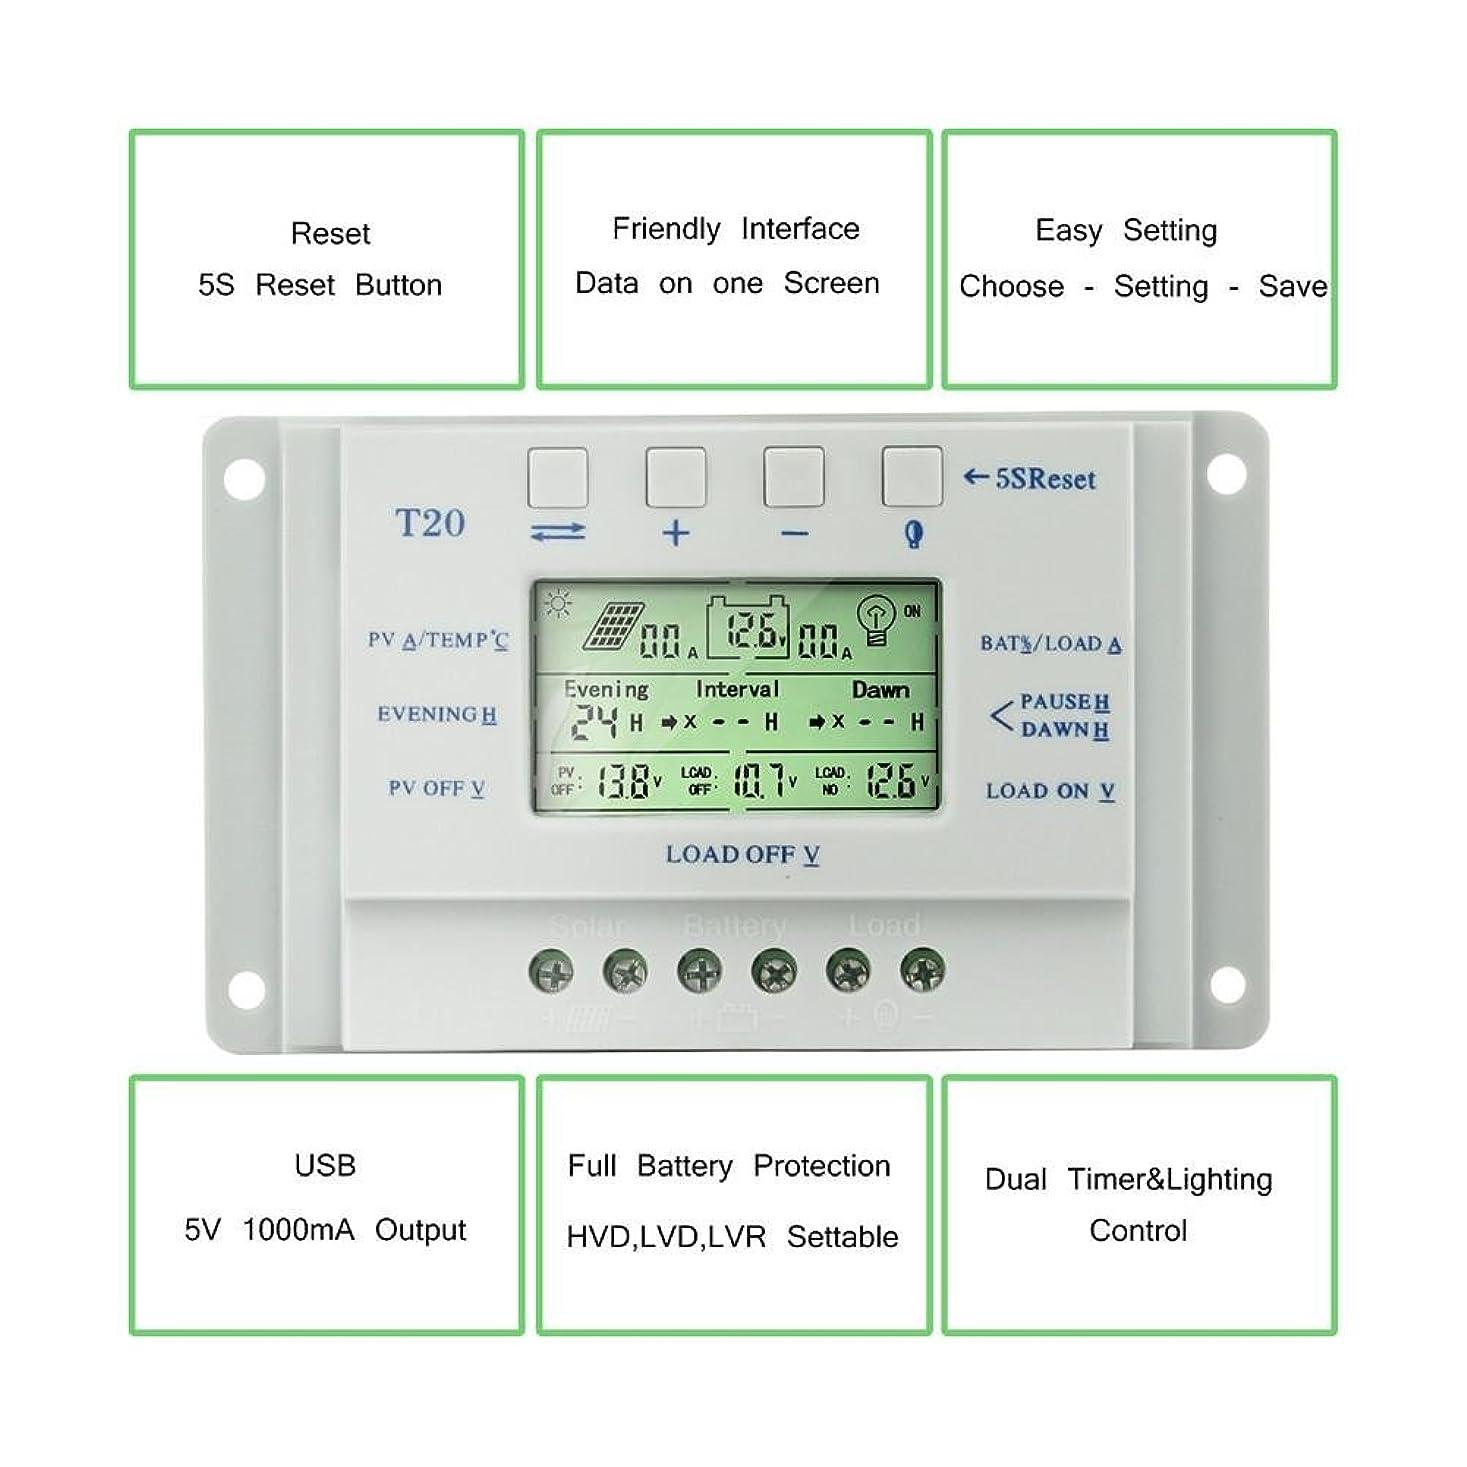 確実庭園詐欺MPPT充電コントローラ20A 40A 12V / 24Vソーラーパネルバッテリレギュレータ充電 ソーラー充電器コントローラ コントローラLCDディスプレイソーラー充電コントローラT20 T40